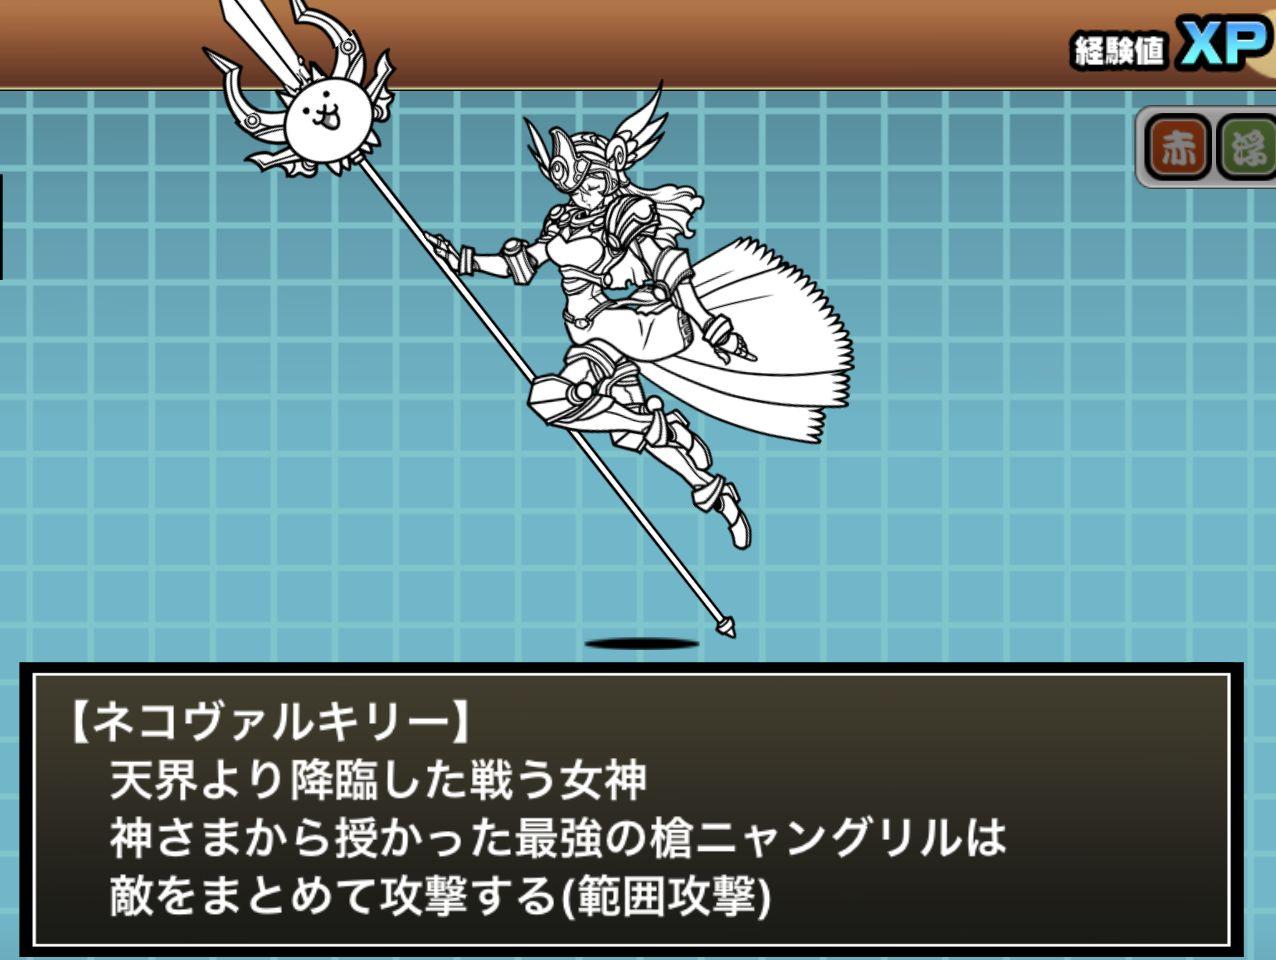 にゃんこ大戦争【攻略】:さらなる戦力アップを目指せ!おすすめのEXキャラクター第3形態まとめ